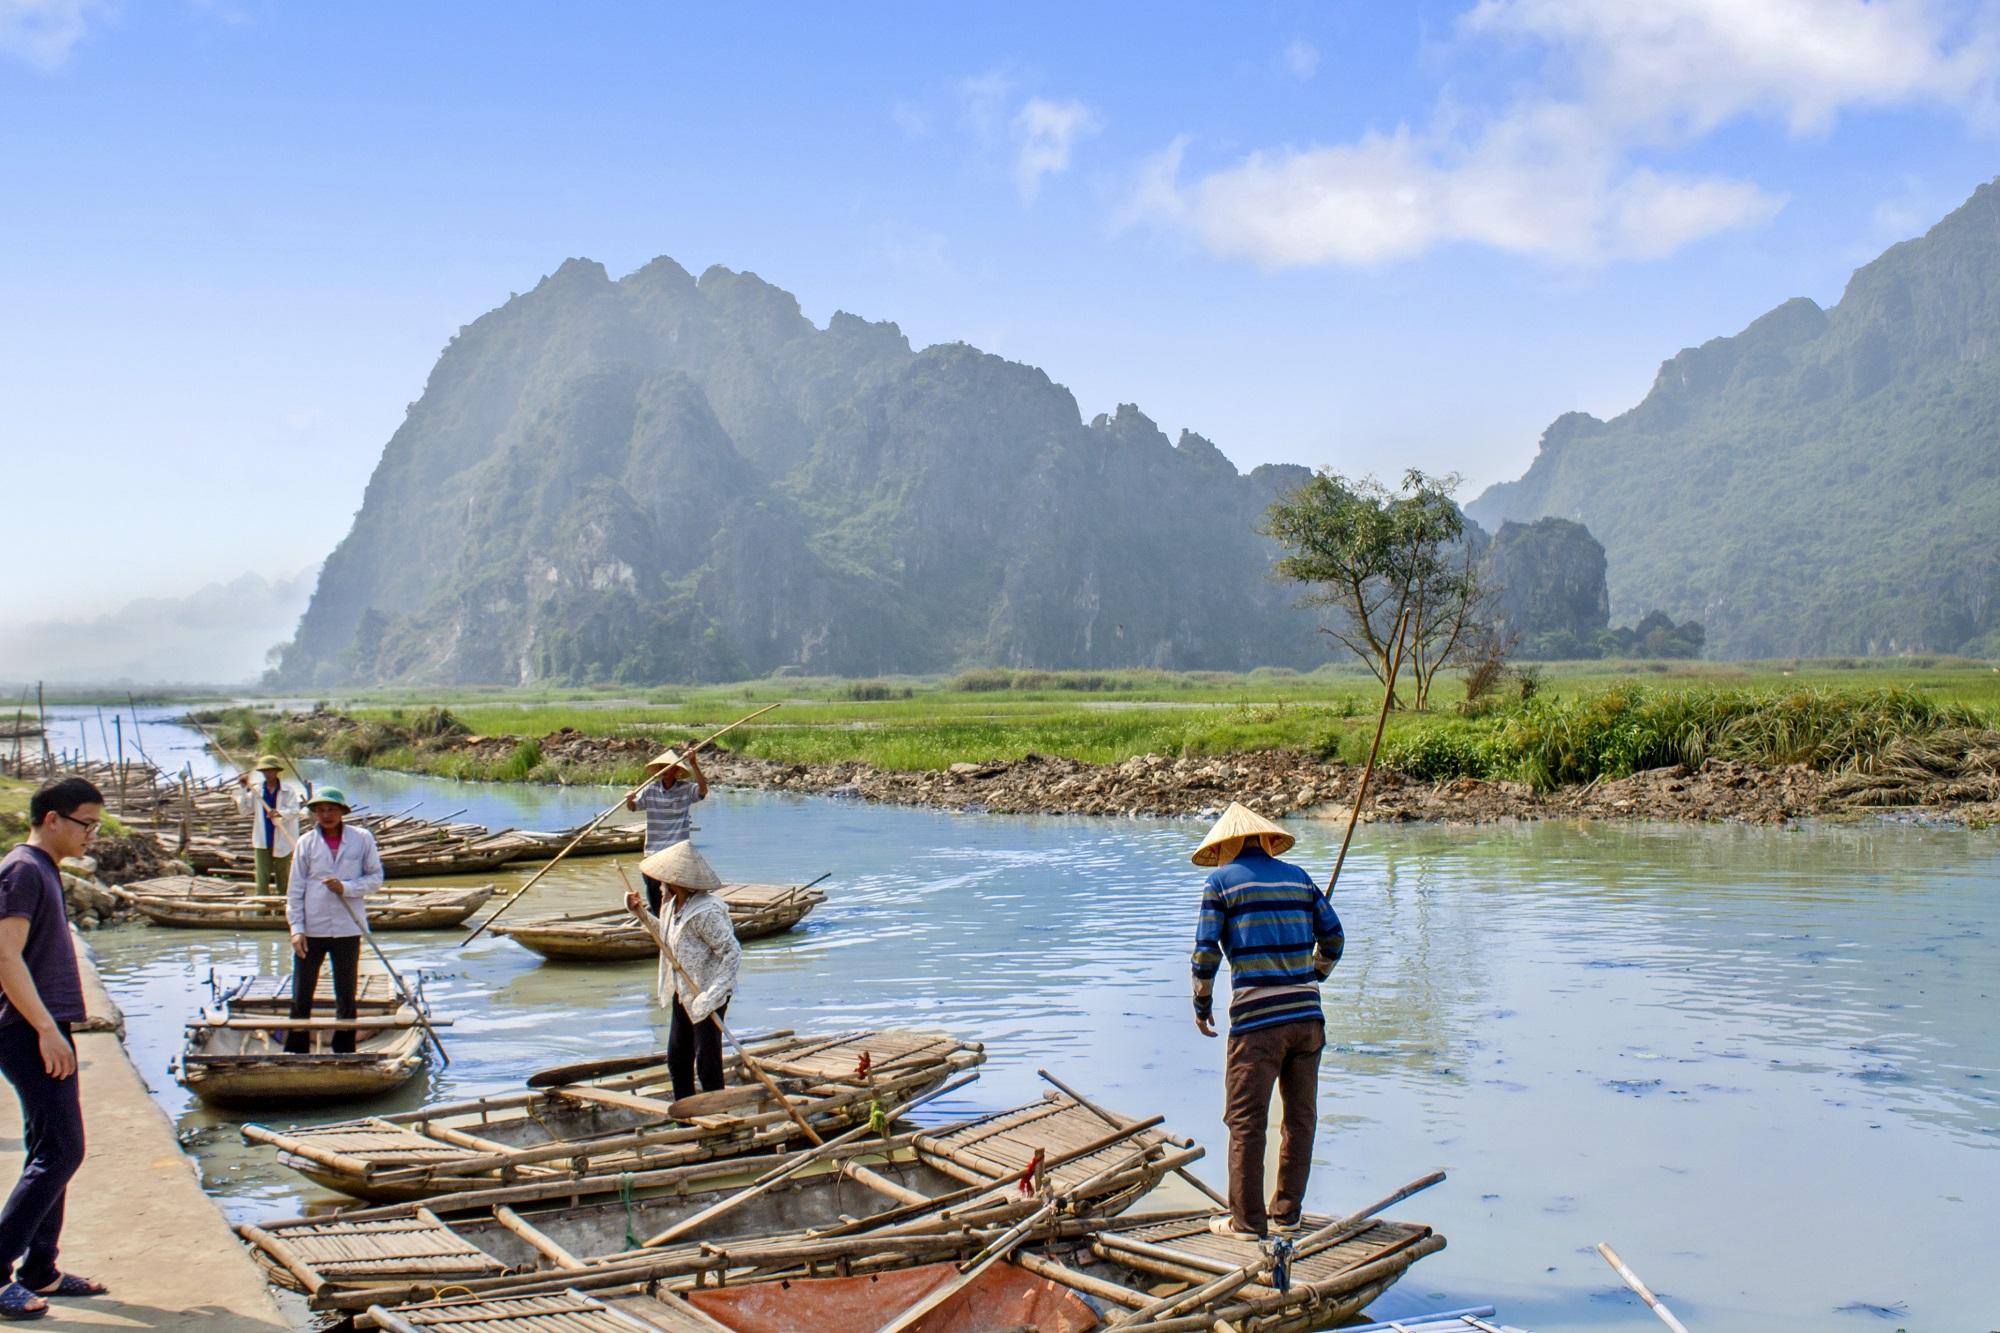 Boat Dock in Van Long Natural Reserve